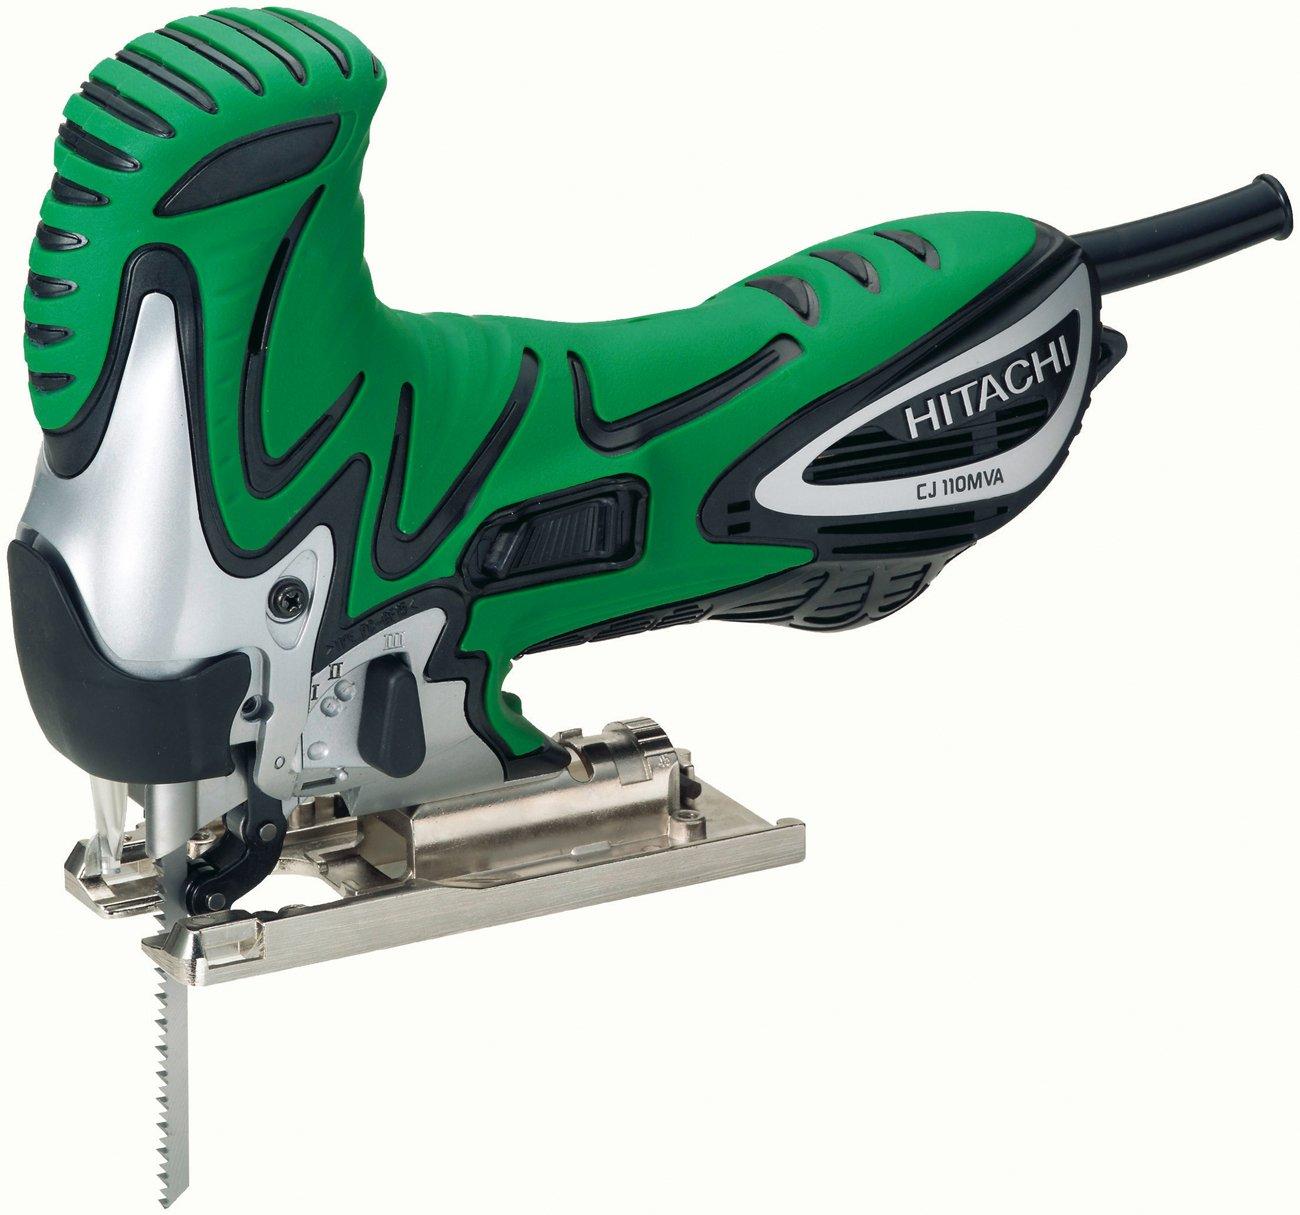 Hitachi CJ 110 MVA Stichsäge, Art.Nr. 93410871  BaumarktBewertungen